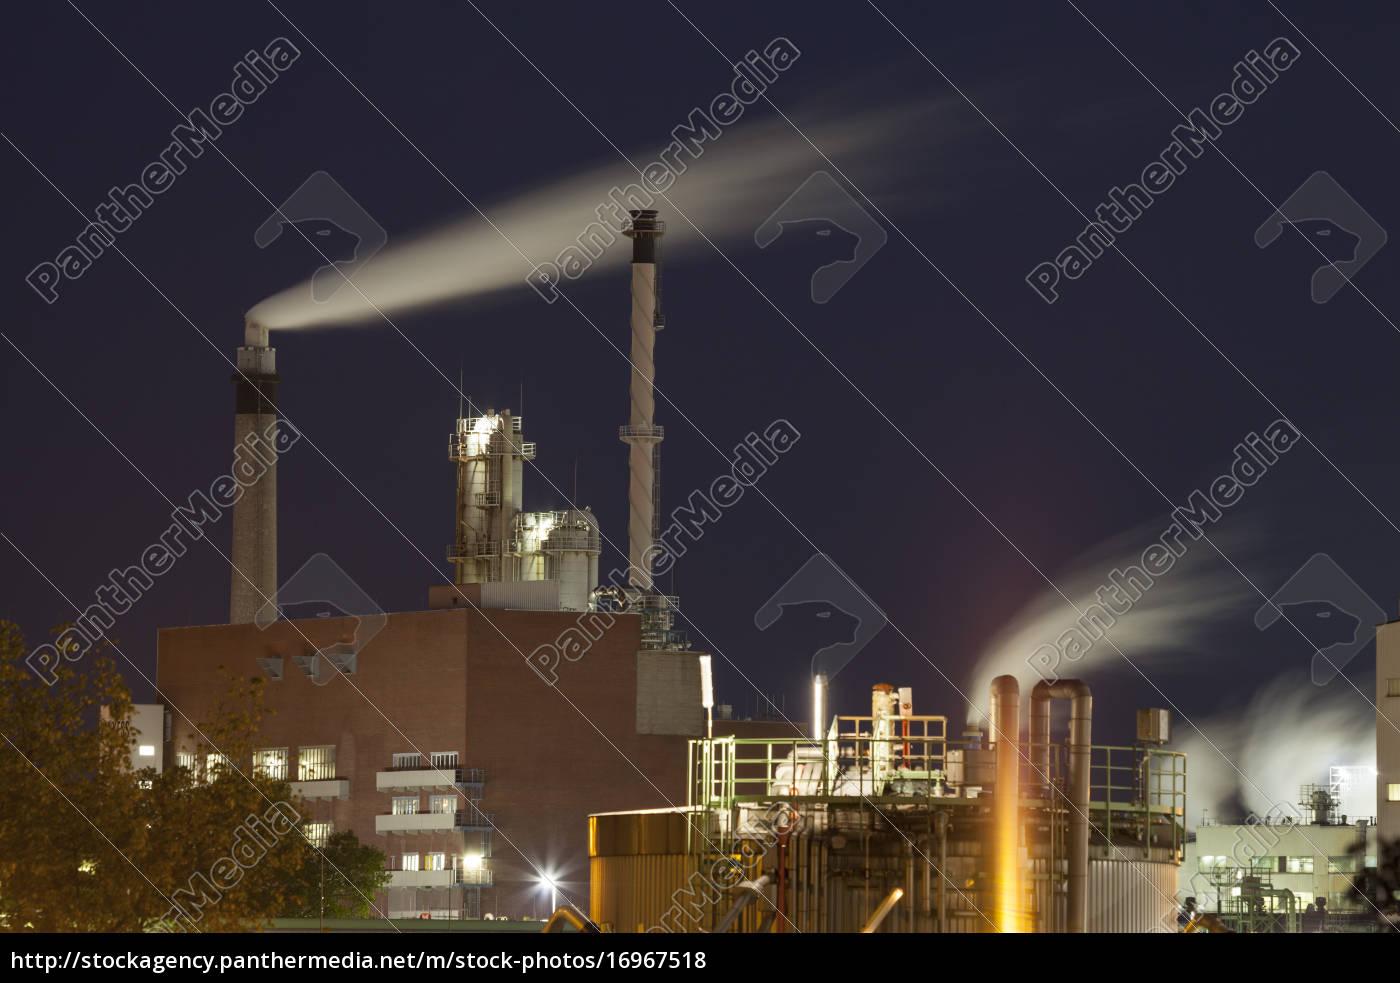 deutschland, leverkusen, chemiepark, chempark, in, der, nacht - 16967518